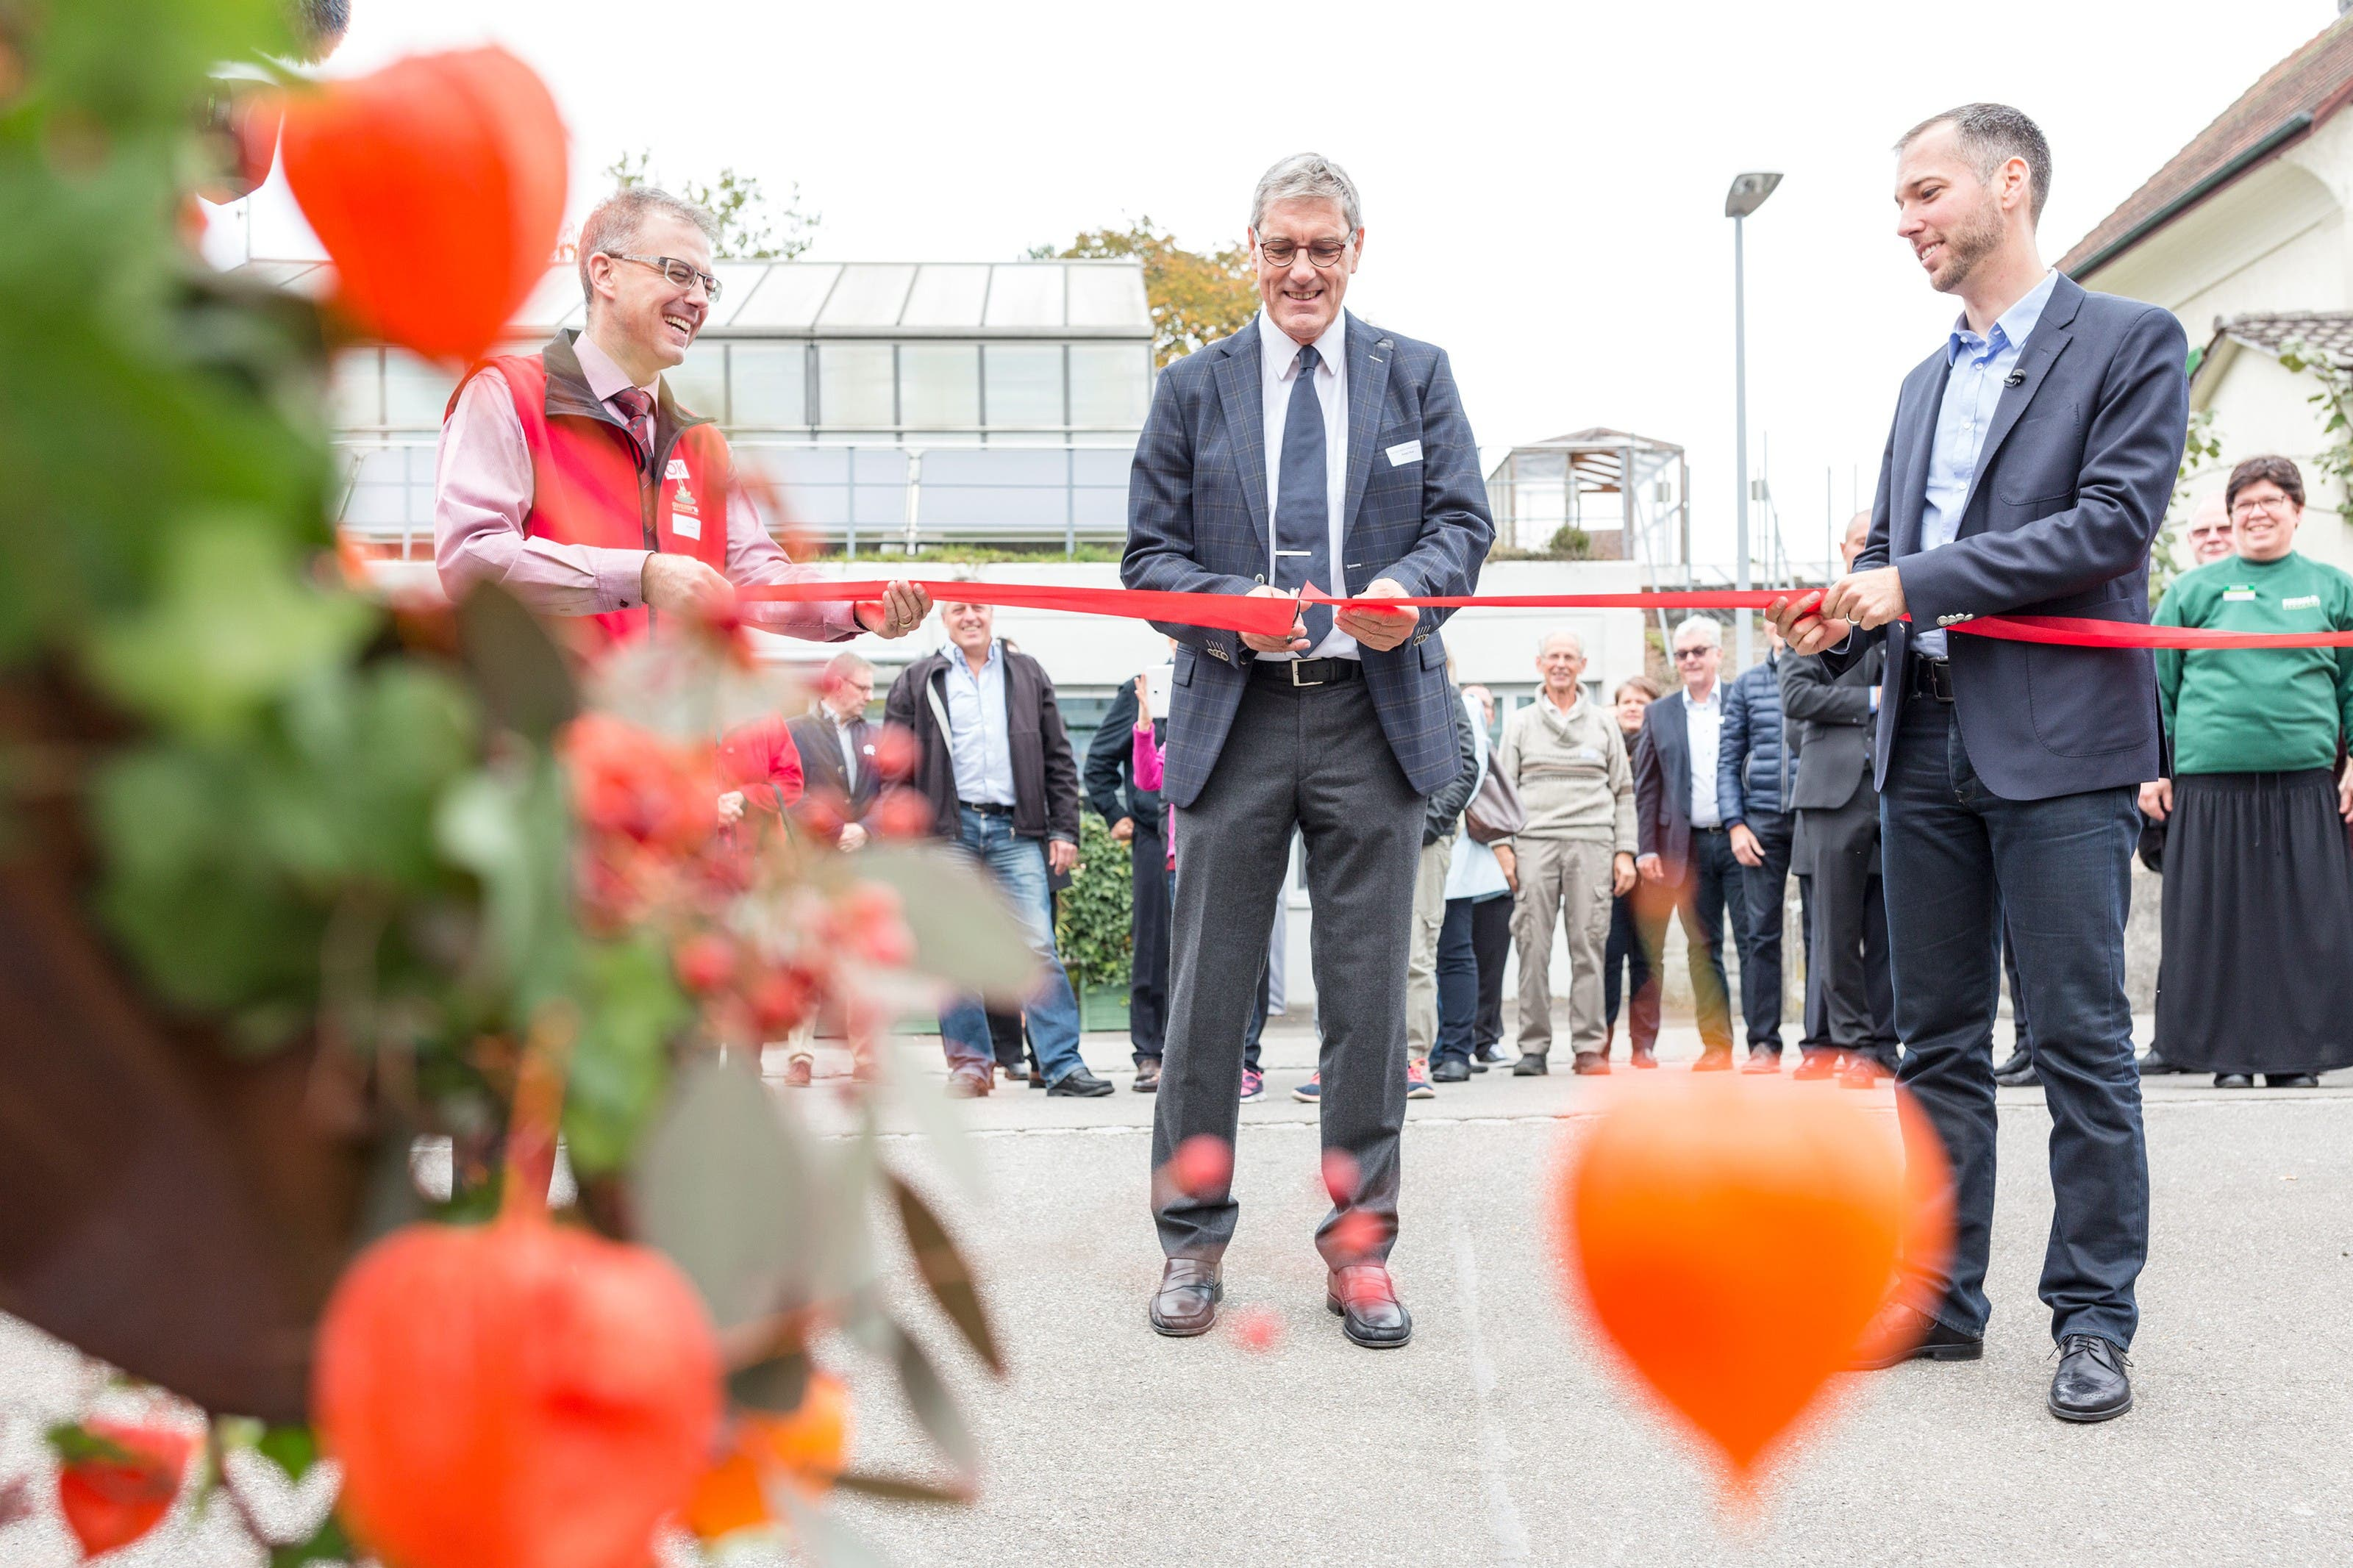 Gemeindeammann Gregor Naef schnitt in Begleitung von OK-Präsident Paul Wertli (l.) und Gemeinderat Lukas Fus (r.) feierlich das rote Band durch.